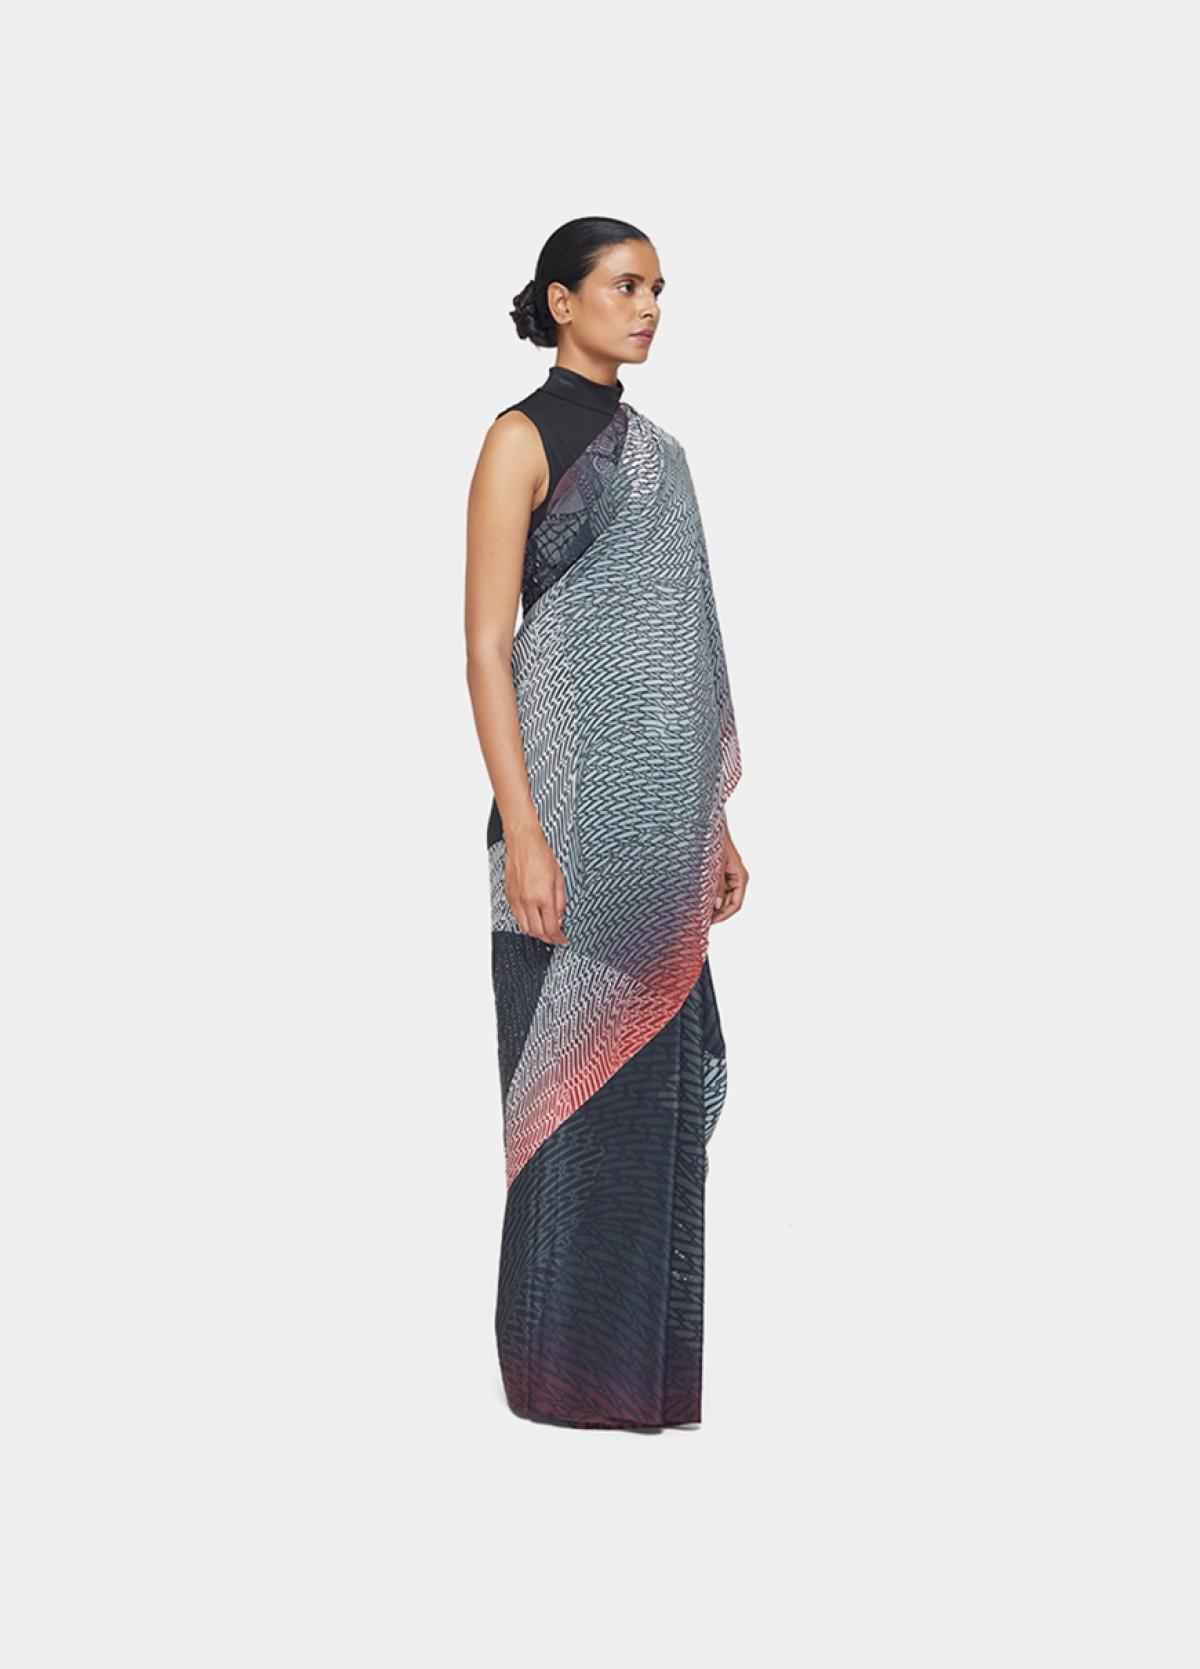 The Macchli Sari